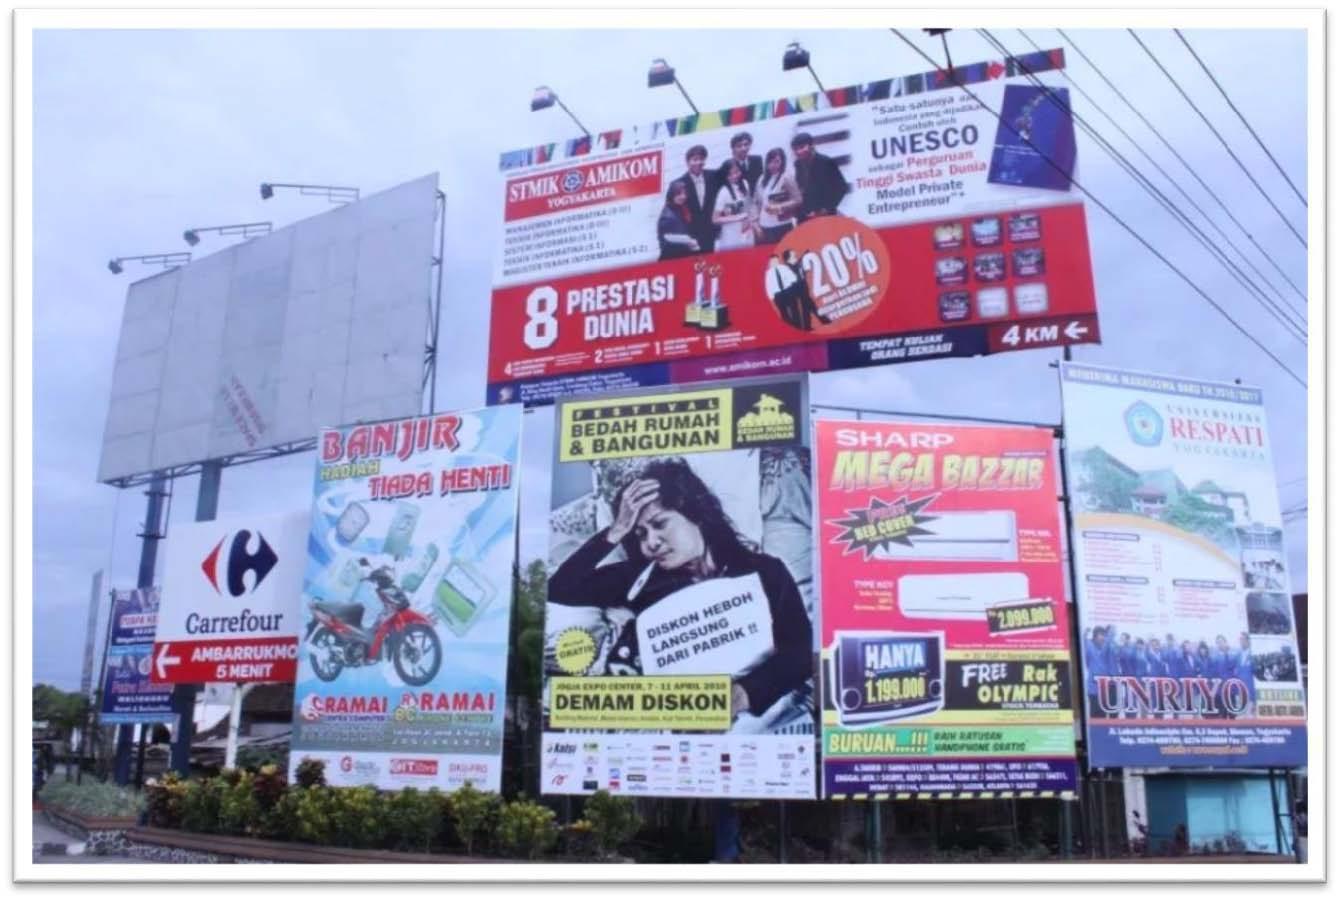 Cara Menentukan Titik Reklame Yang Efektif Untuk Beriklan